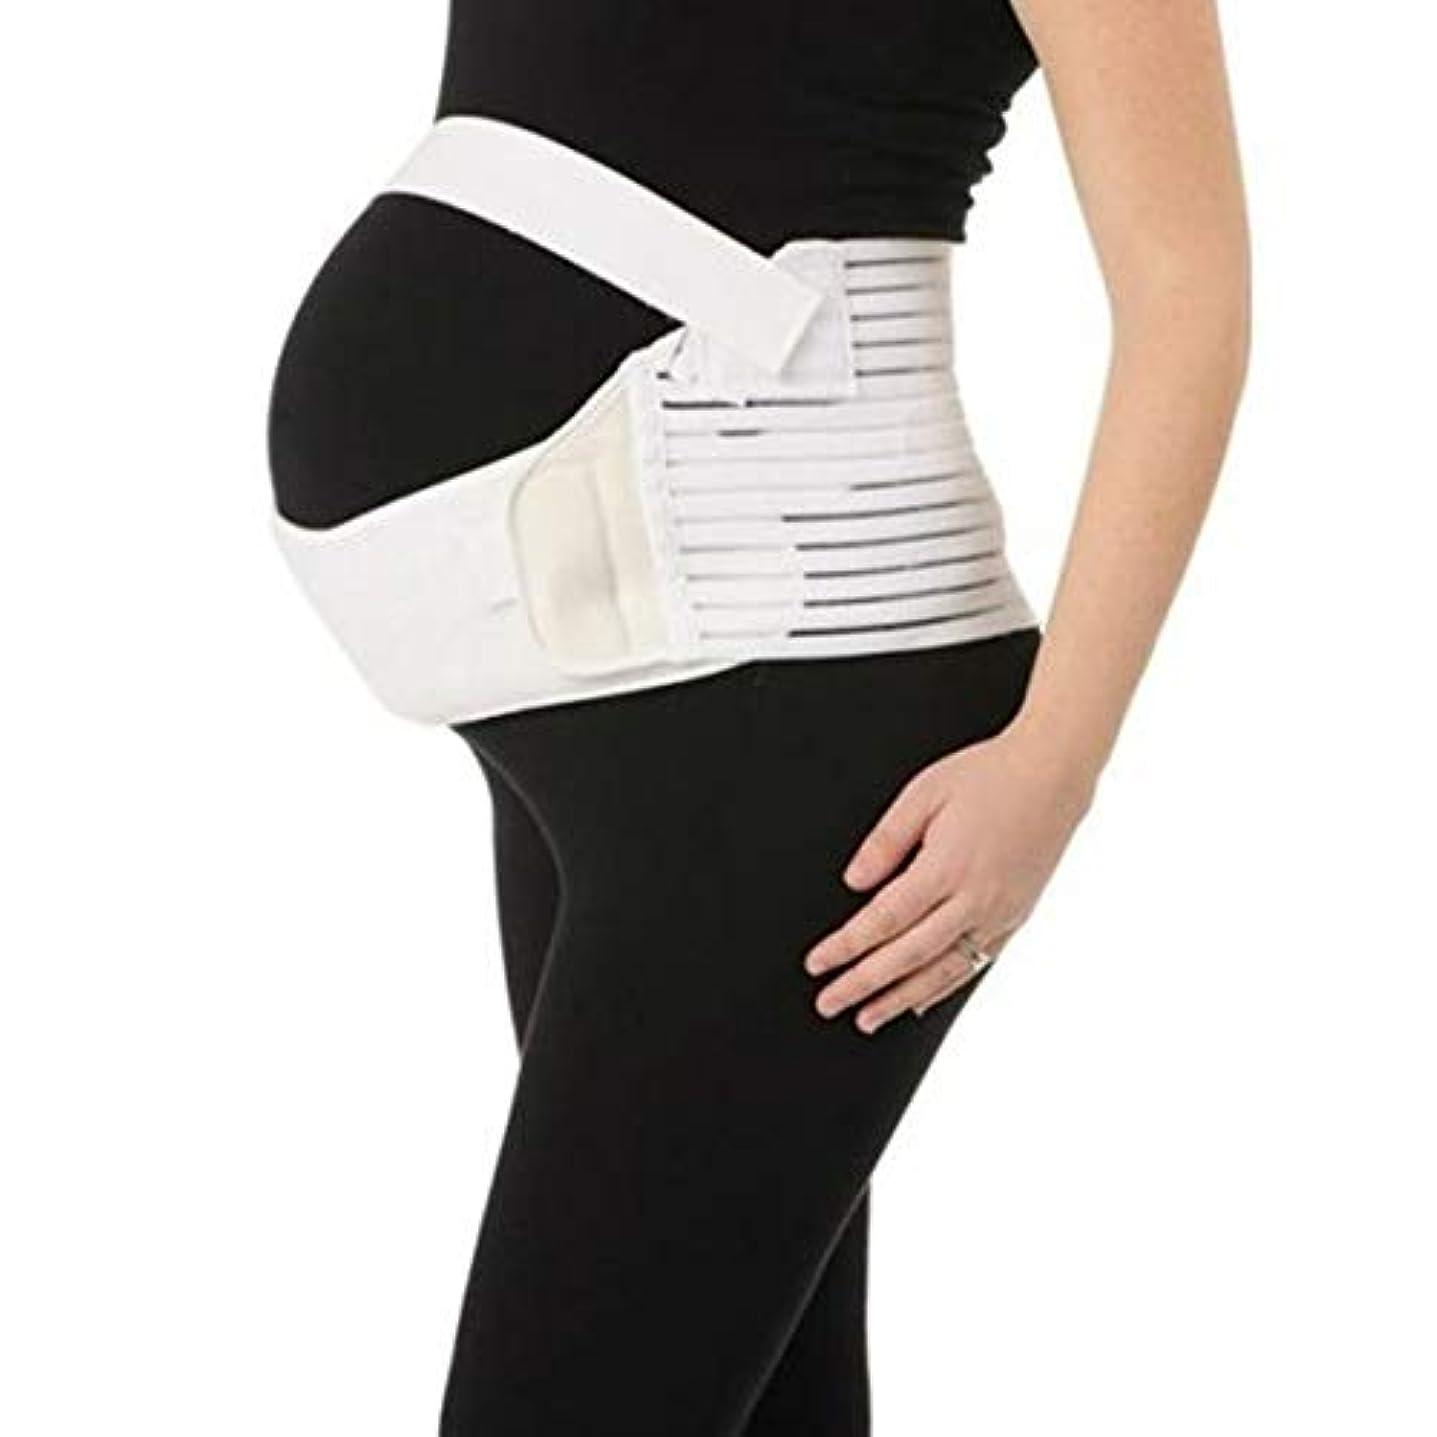 石灰岩起きろ遅滞通気性マタニティベルト妊娠腹部サポート腹部バインダーガードル運動包帯産後の回復shapewear - ホワイトL